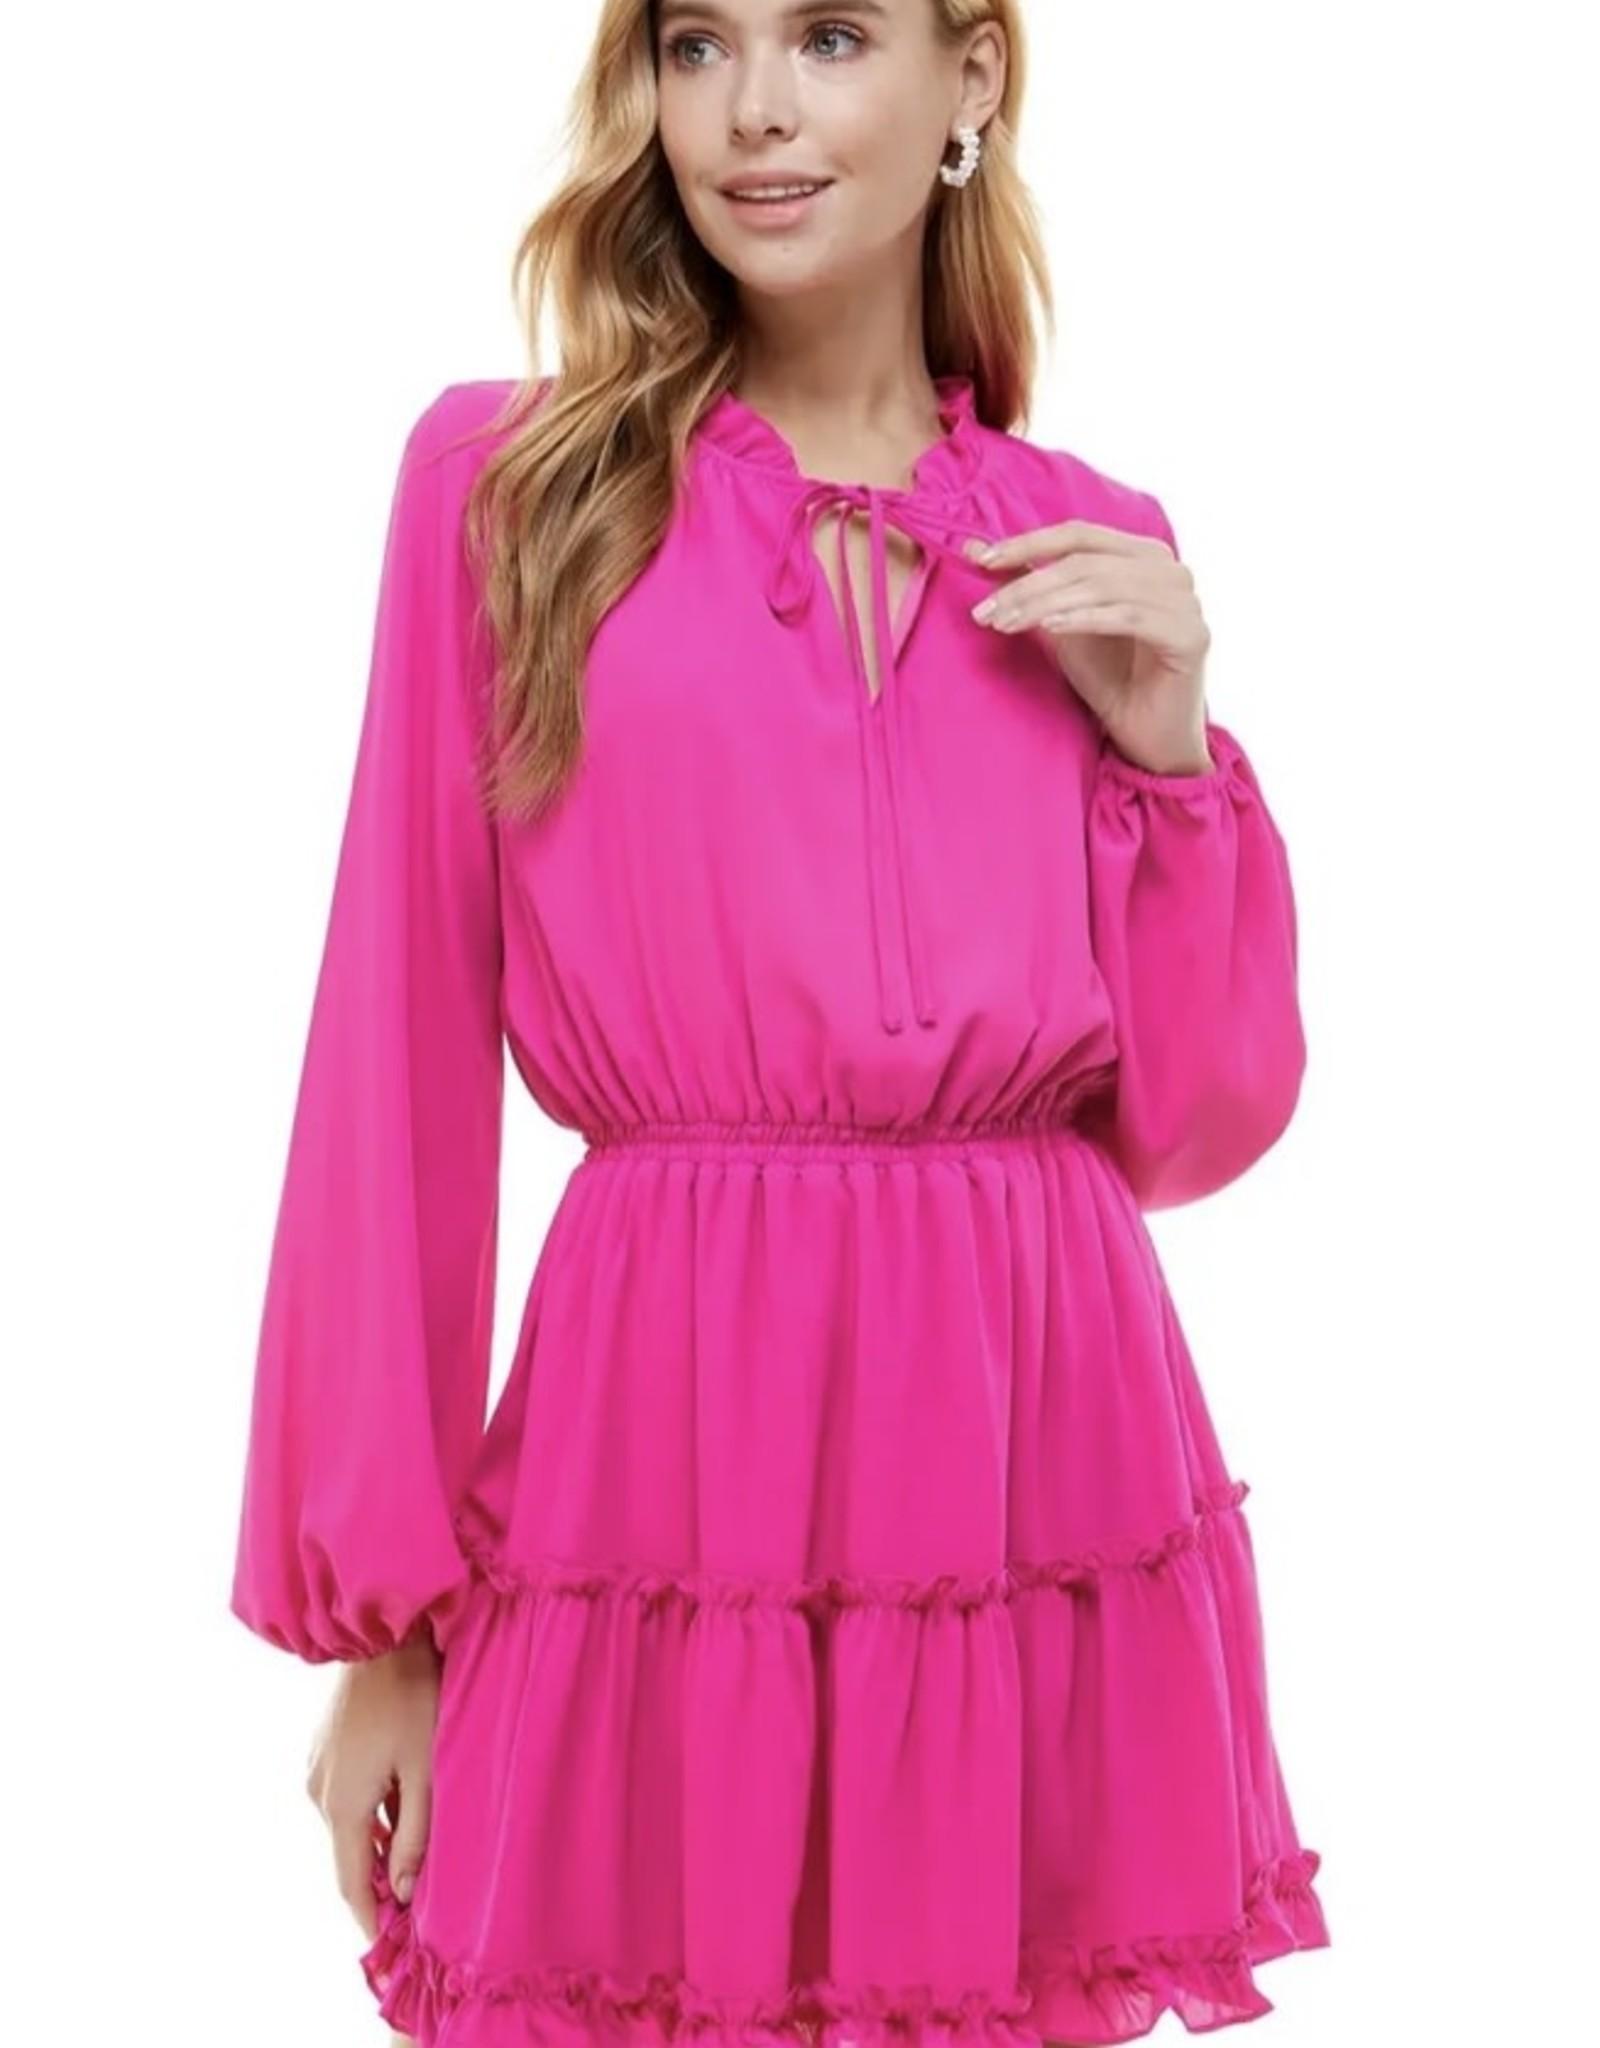 Perfectly Pink Ruffle Trim Dress